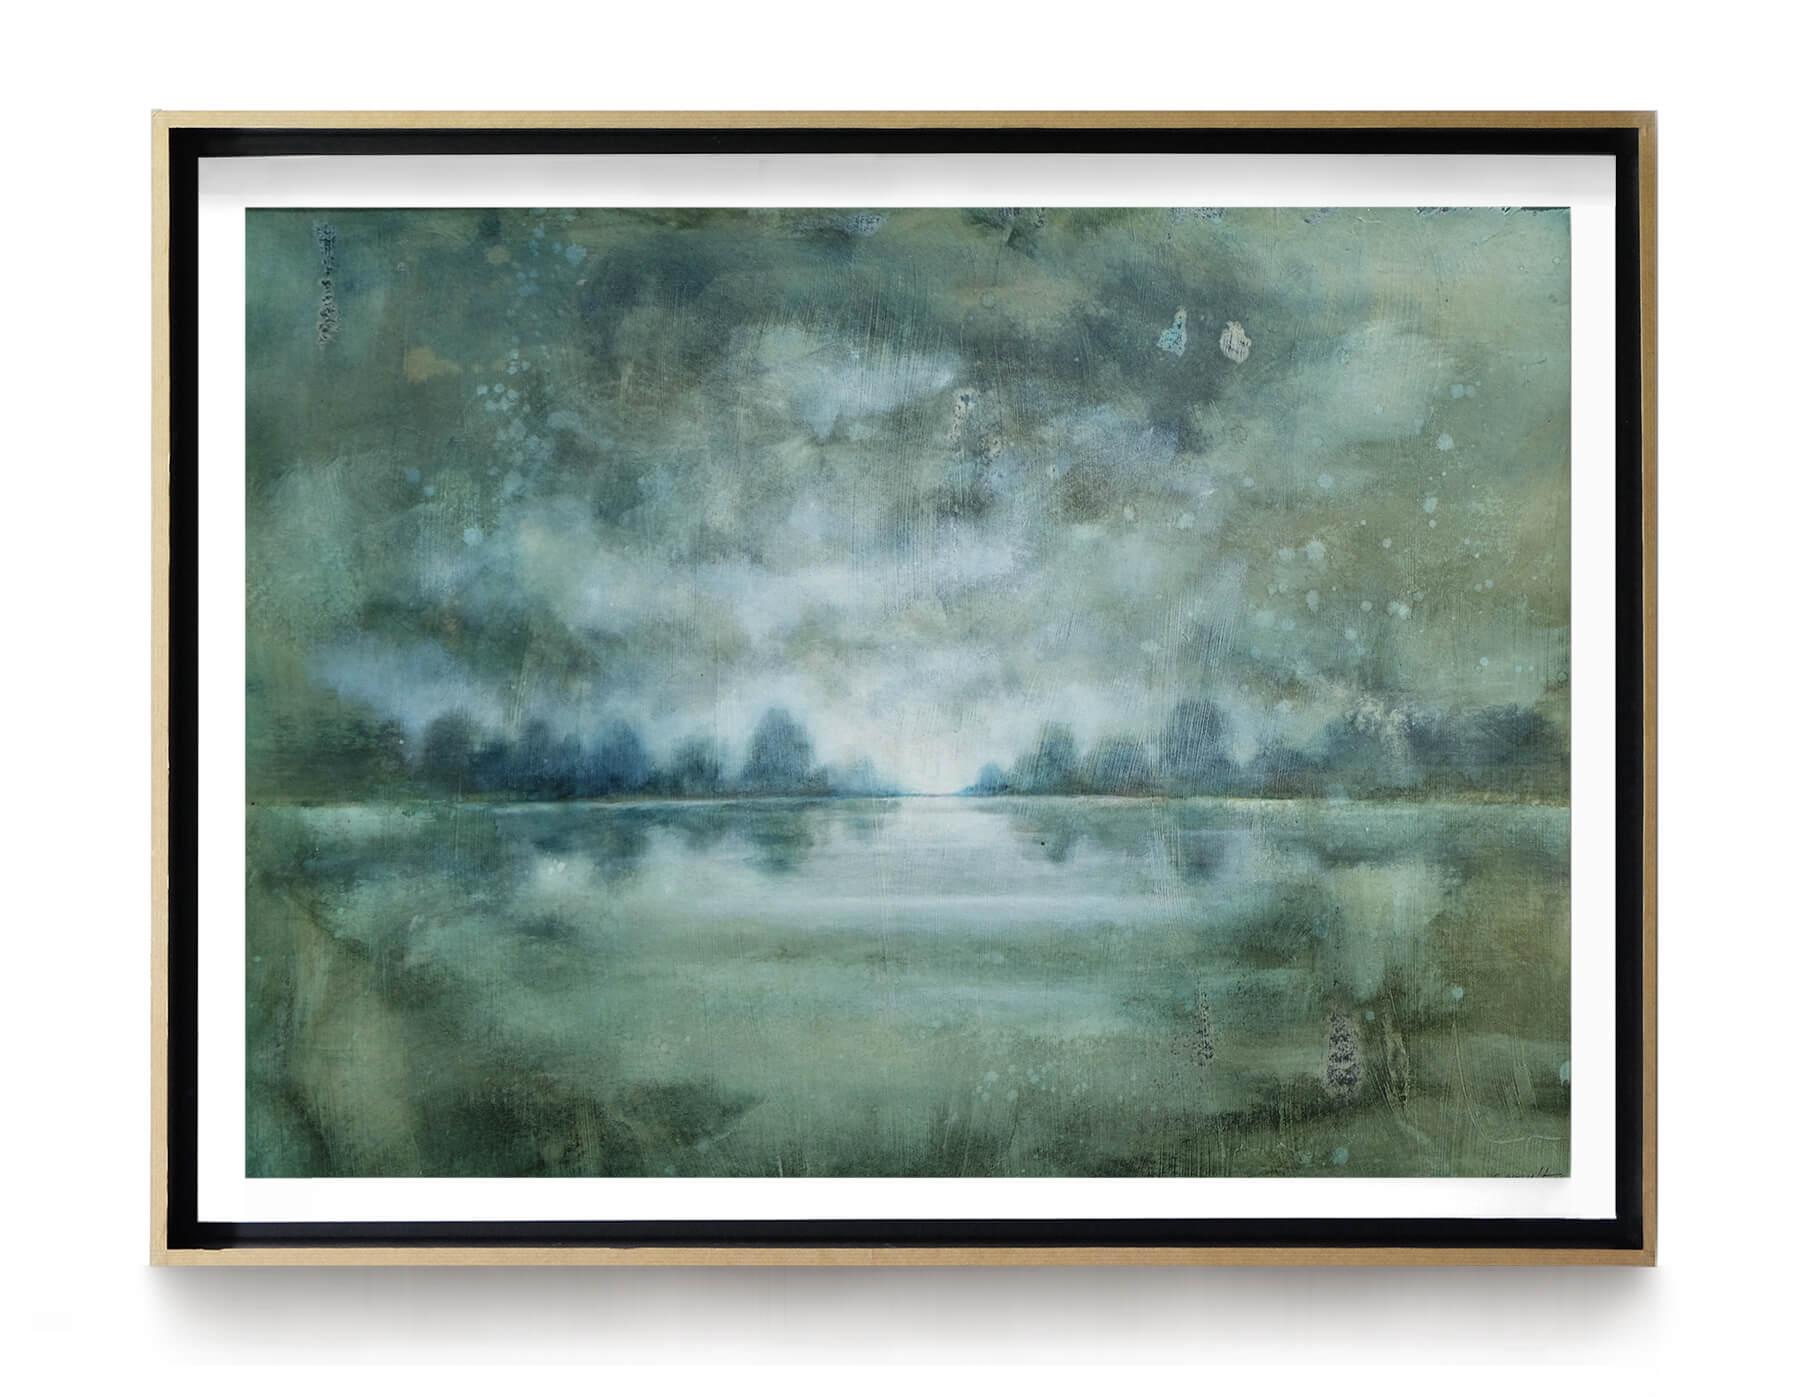 paysage_brume _65x50cm_acrylique_et_encre_sur_papier_cadre_chene_lightbox